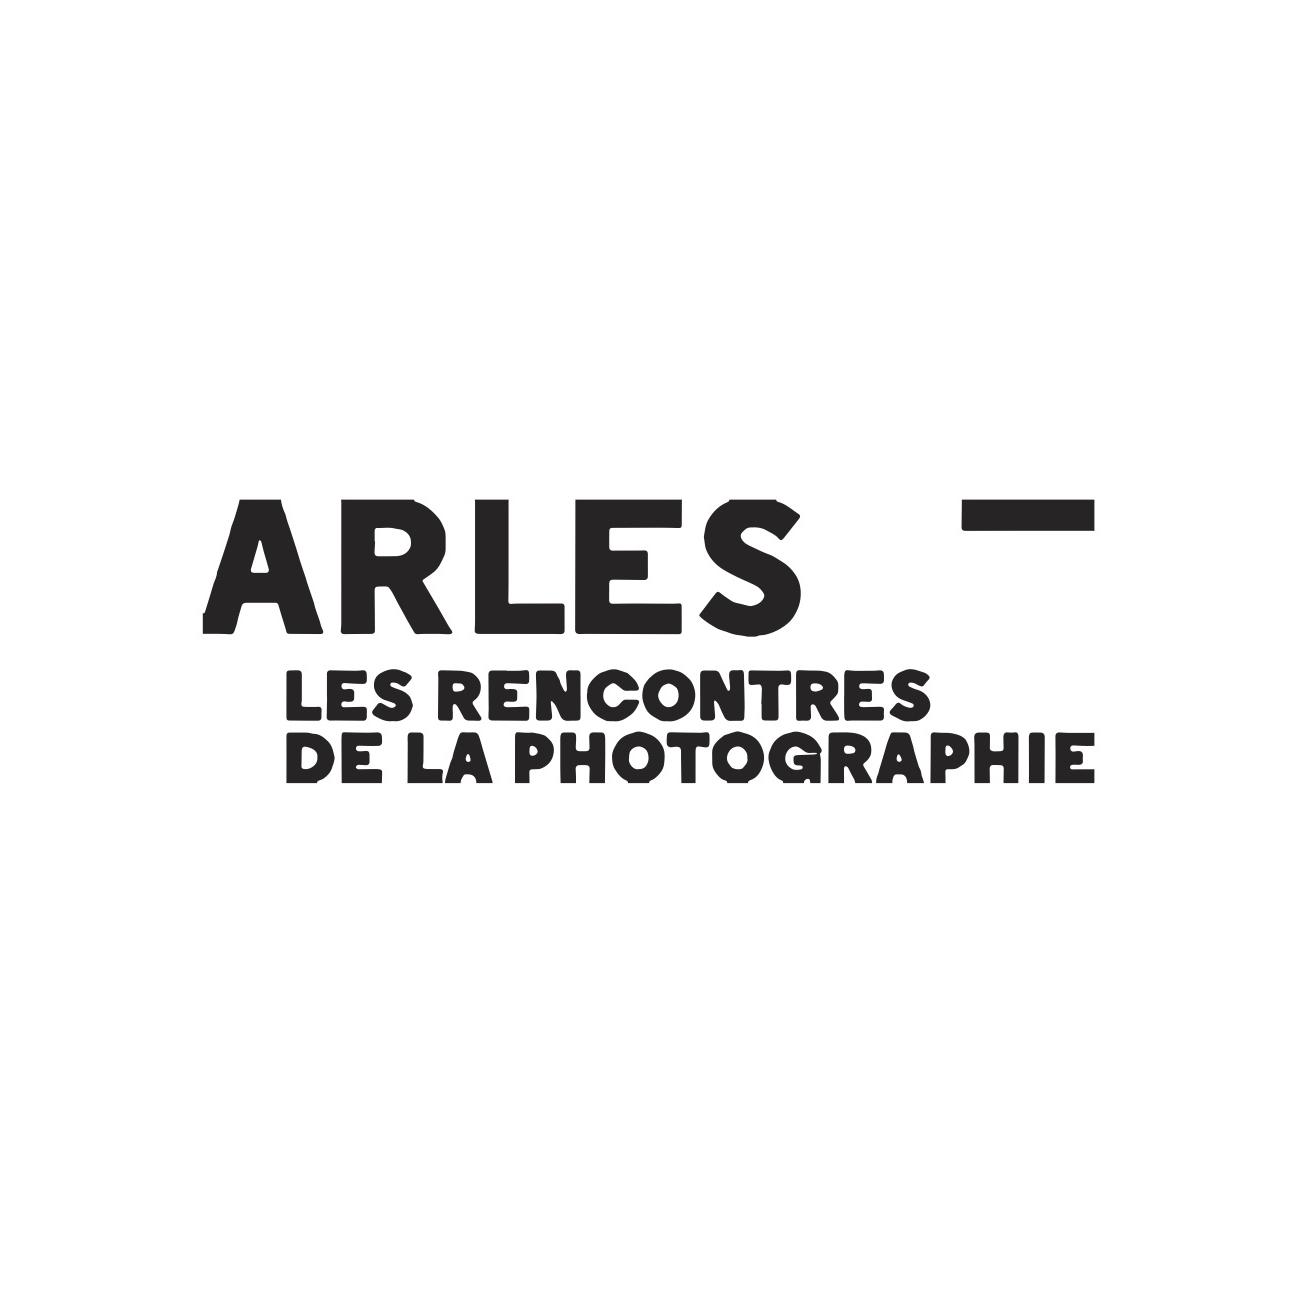 ARLES-logo.jpg